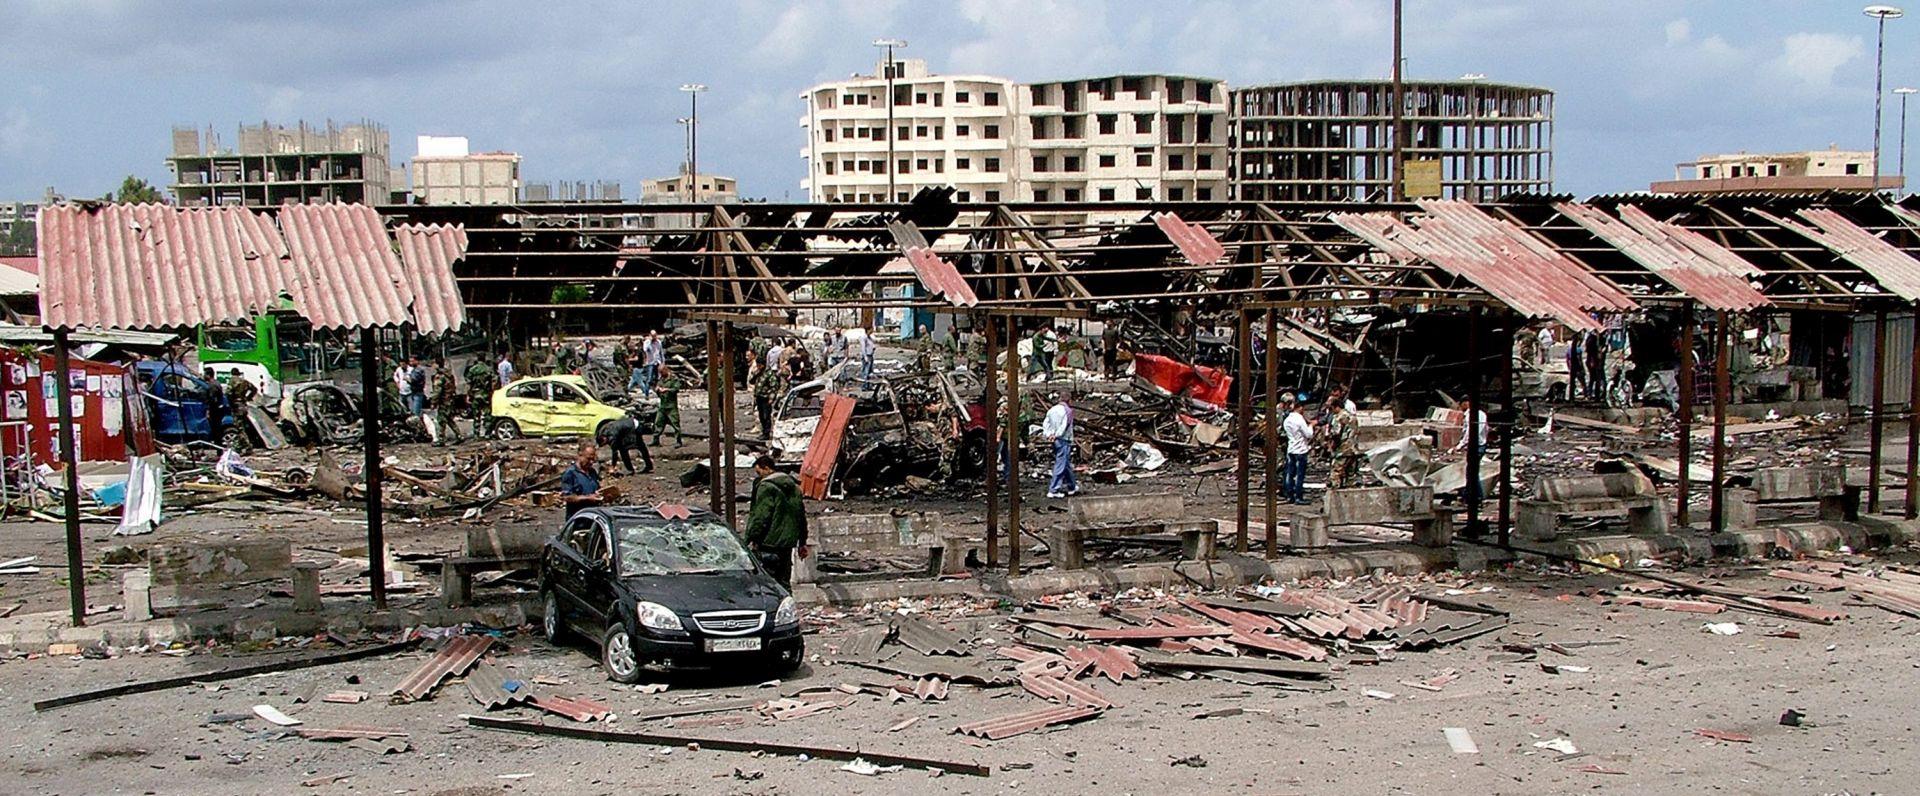 JOŠ NEPOZNAT BROJ ŽRTAVA Eksplozija kod džamije u sirijskom obalnom gradu Latakiji